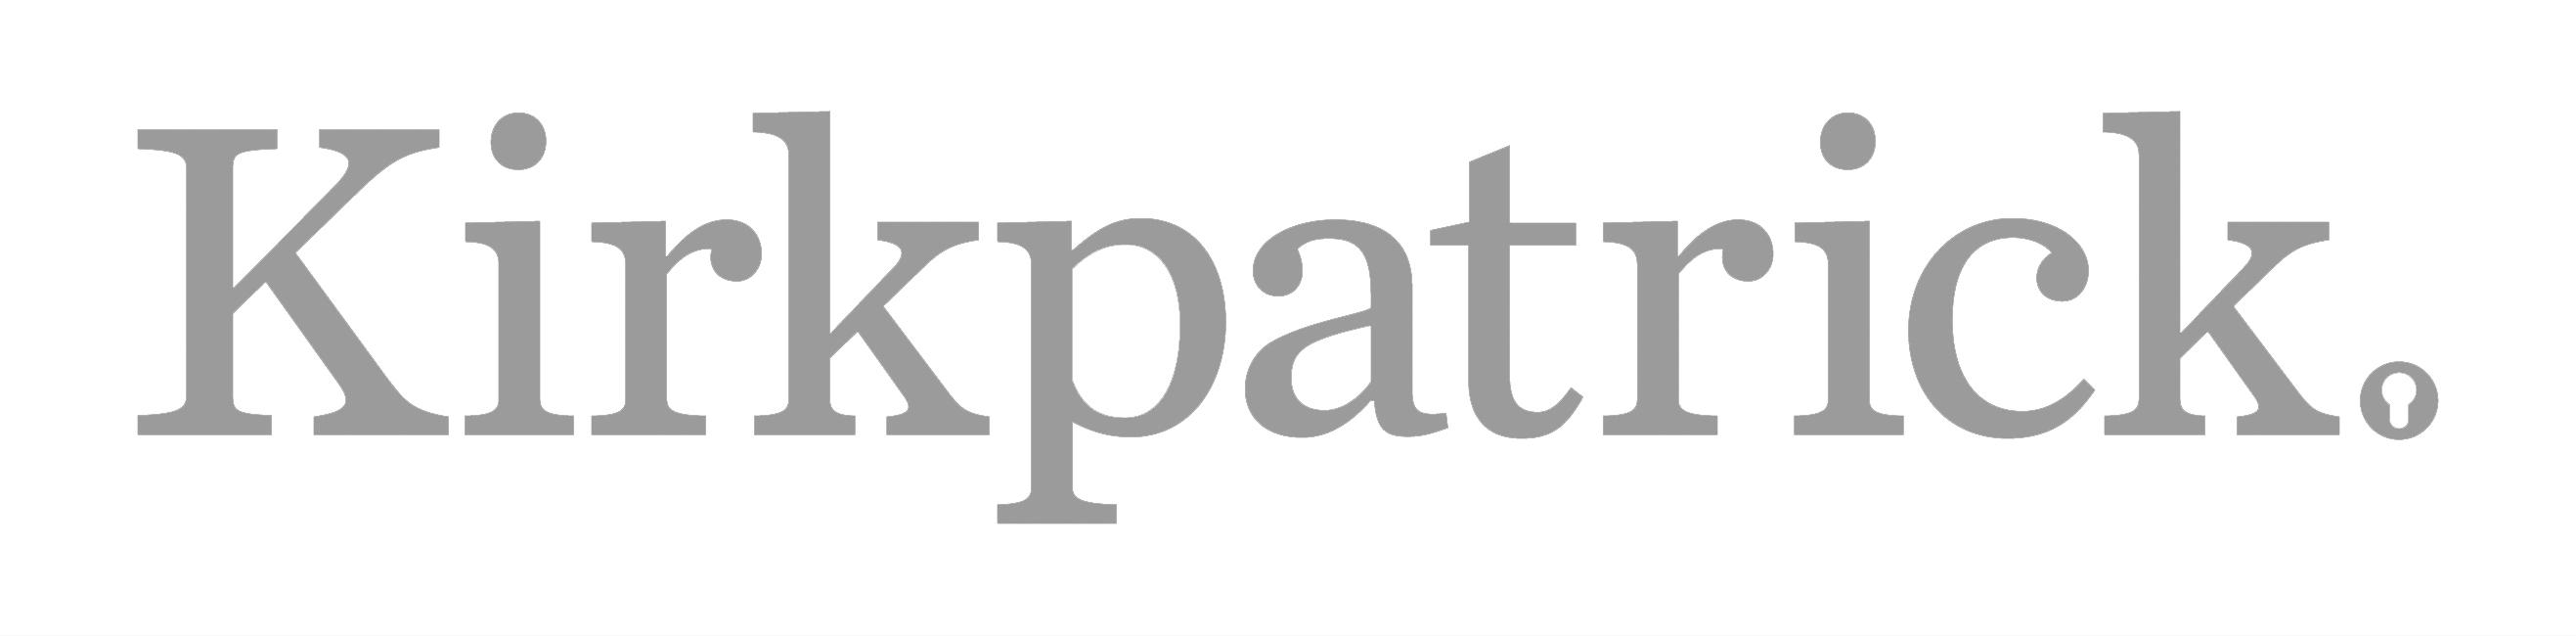 Kirkpatrick Products